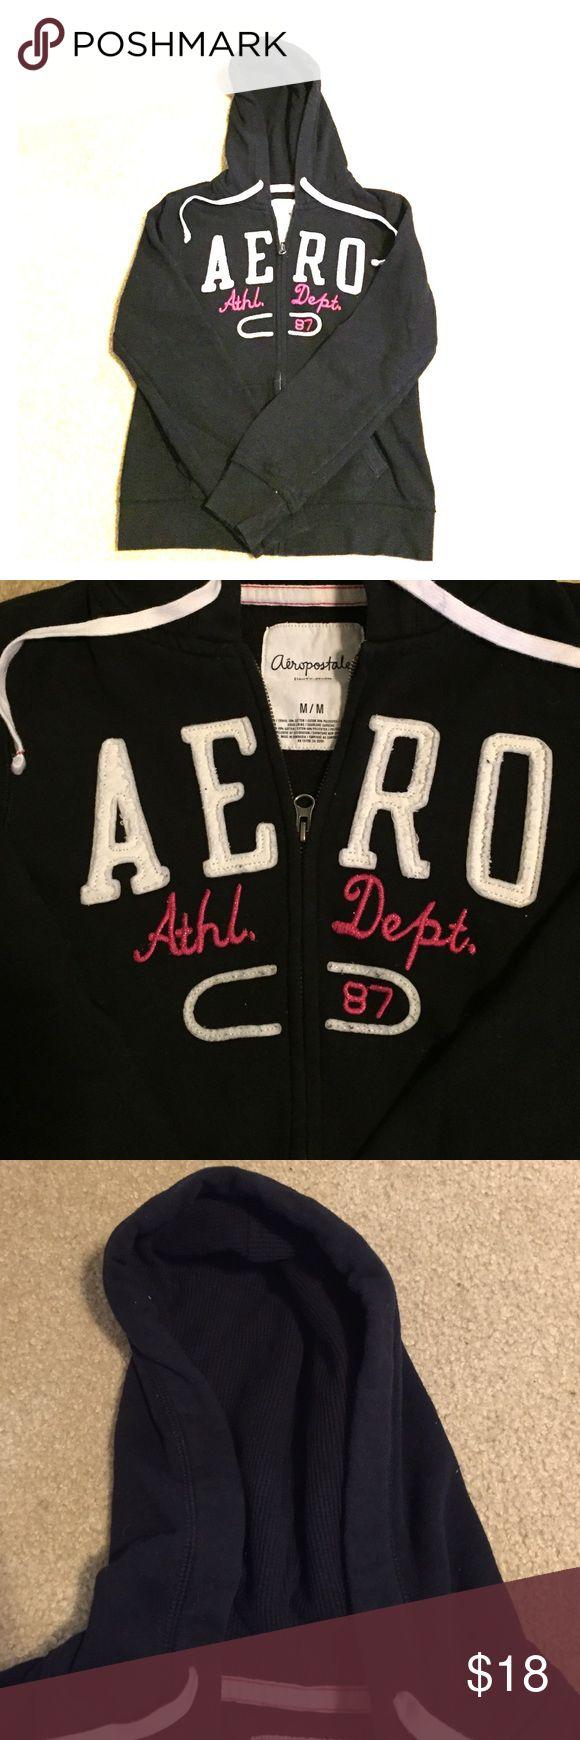 Cute black zip up hoodie,soft and warm Cute Aeropostale black zip up hoodie Aeropostale Tops Sweatshirts & Hoodies